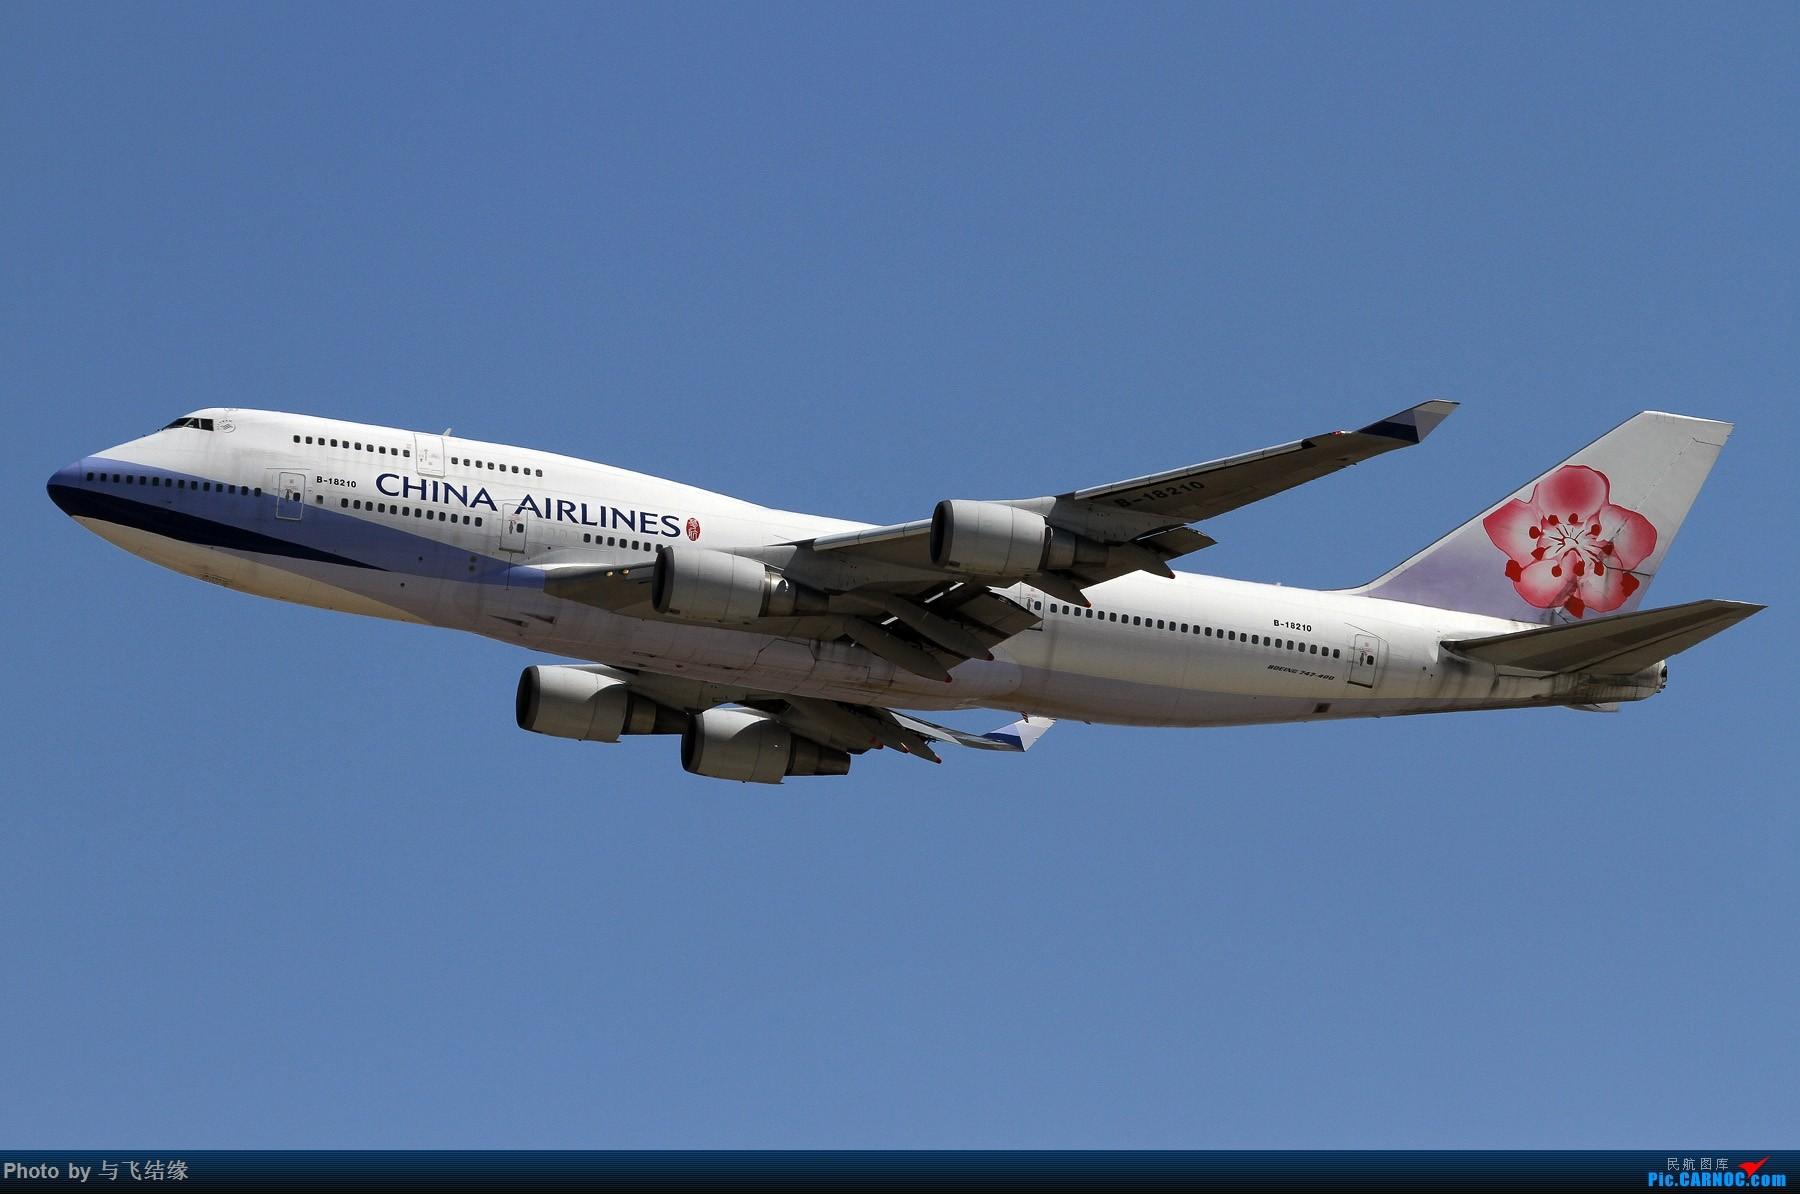 Re:[原创]新瓶装旧酒老图新发之昂首奋飞! BOEING 747-400 B-18210 中国北京首都国际机场